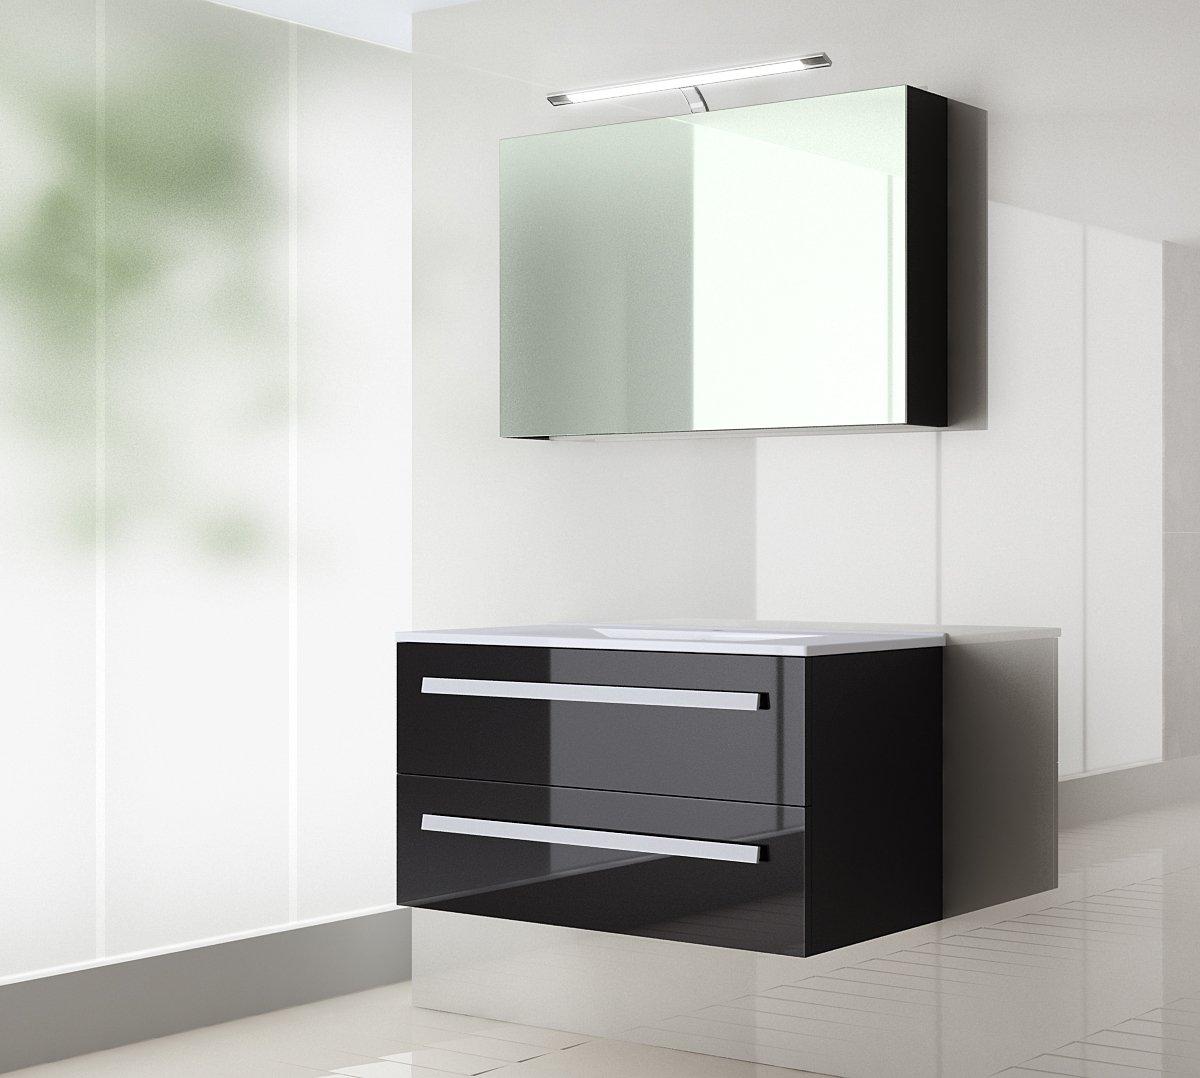 keramik waschtisch mit 90 cm finest waschtisch in pergamon cm with keramik waschtisch mit 90 cm. Black Bedroom Furniture Sets. Home Design Ideas